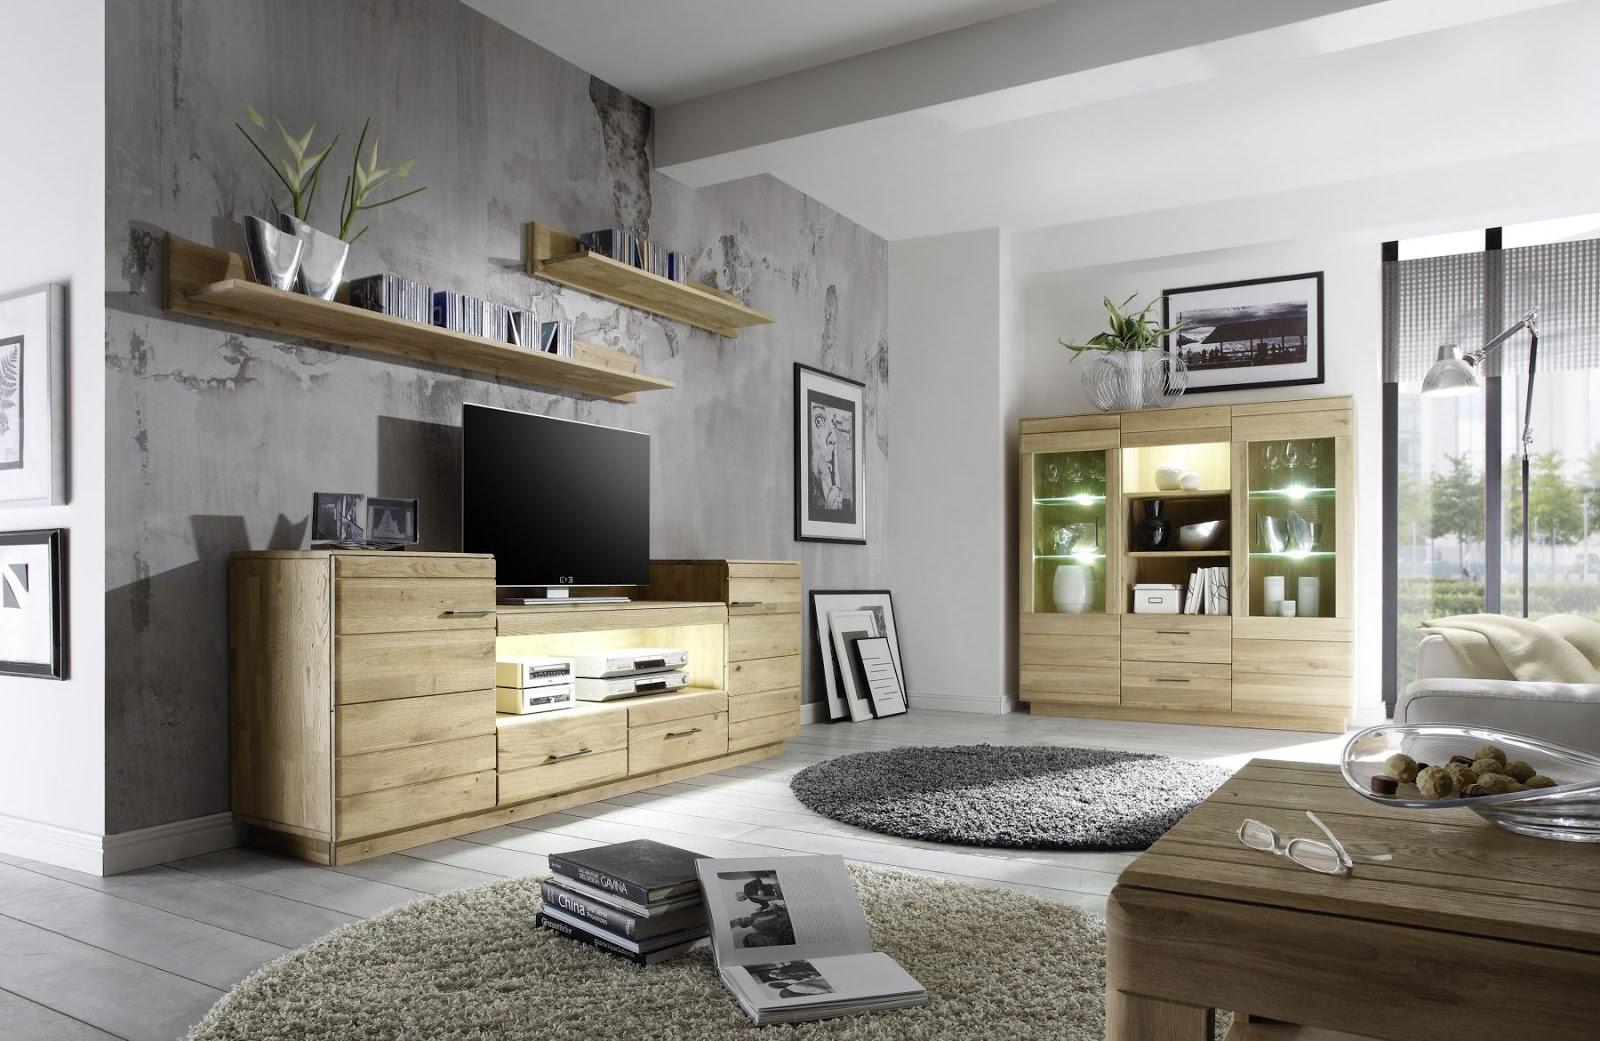 Wohnzimmer accessoires modern home creation - Eckschrank wohnzimmer modern ...